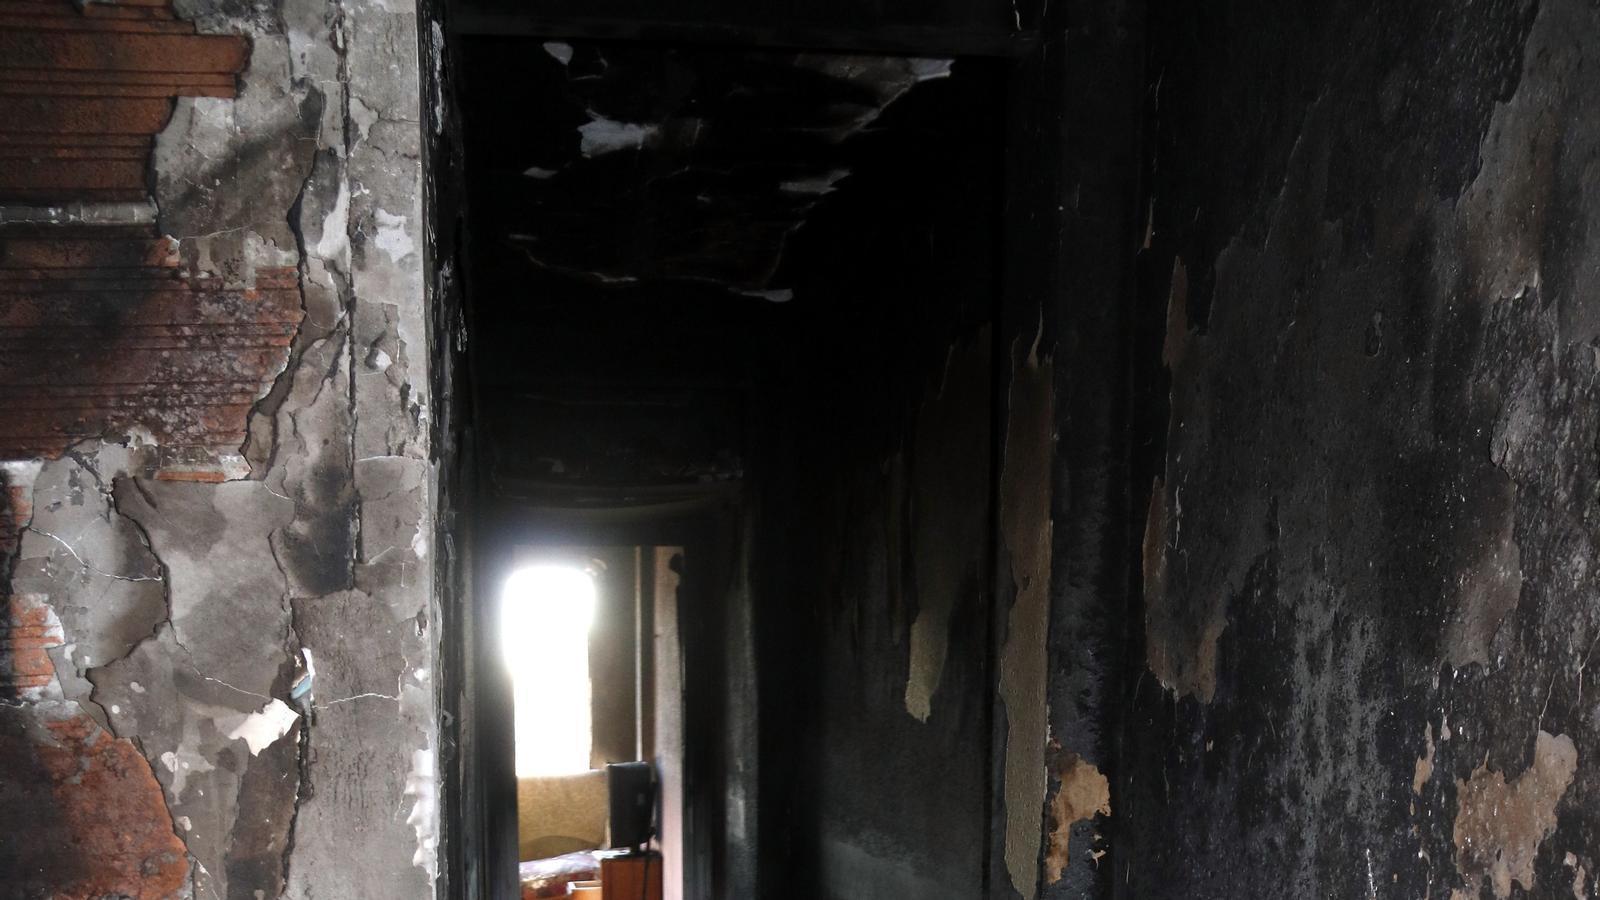 Els Mossos detenen una dona acusada de provocar un incendi en un pis de Reus